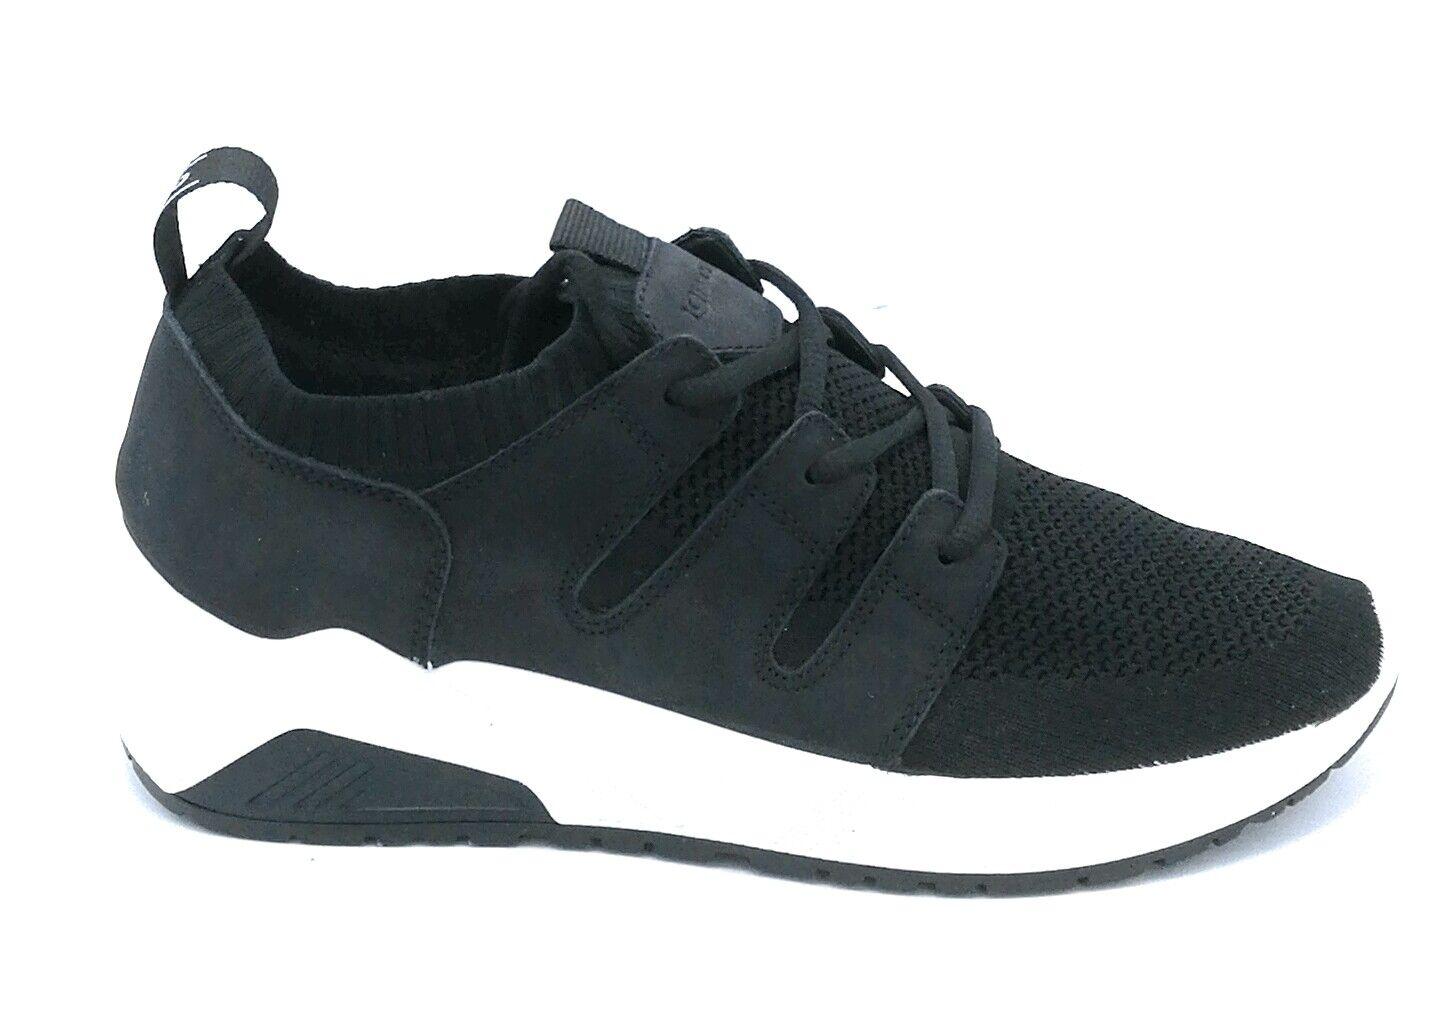 profitto zero Igi e Co 3129300 scarpe da ginnastica ginnastica ginnastica lacci tessuto elasticizzato -nabuk nero  design unico